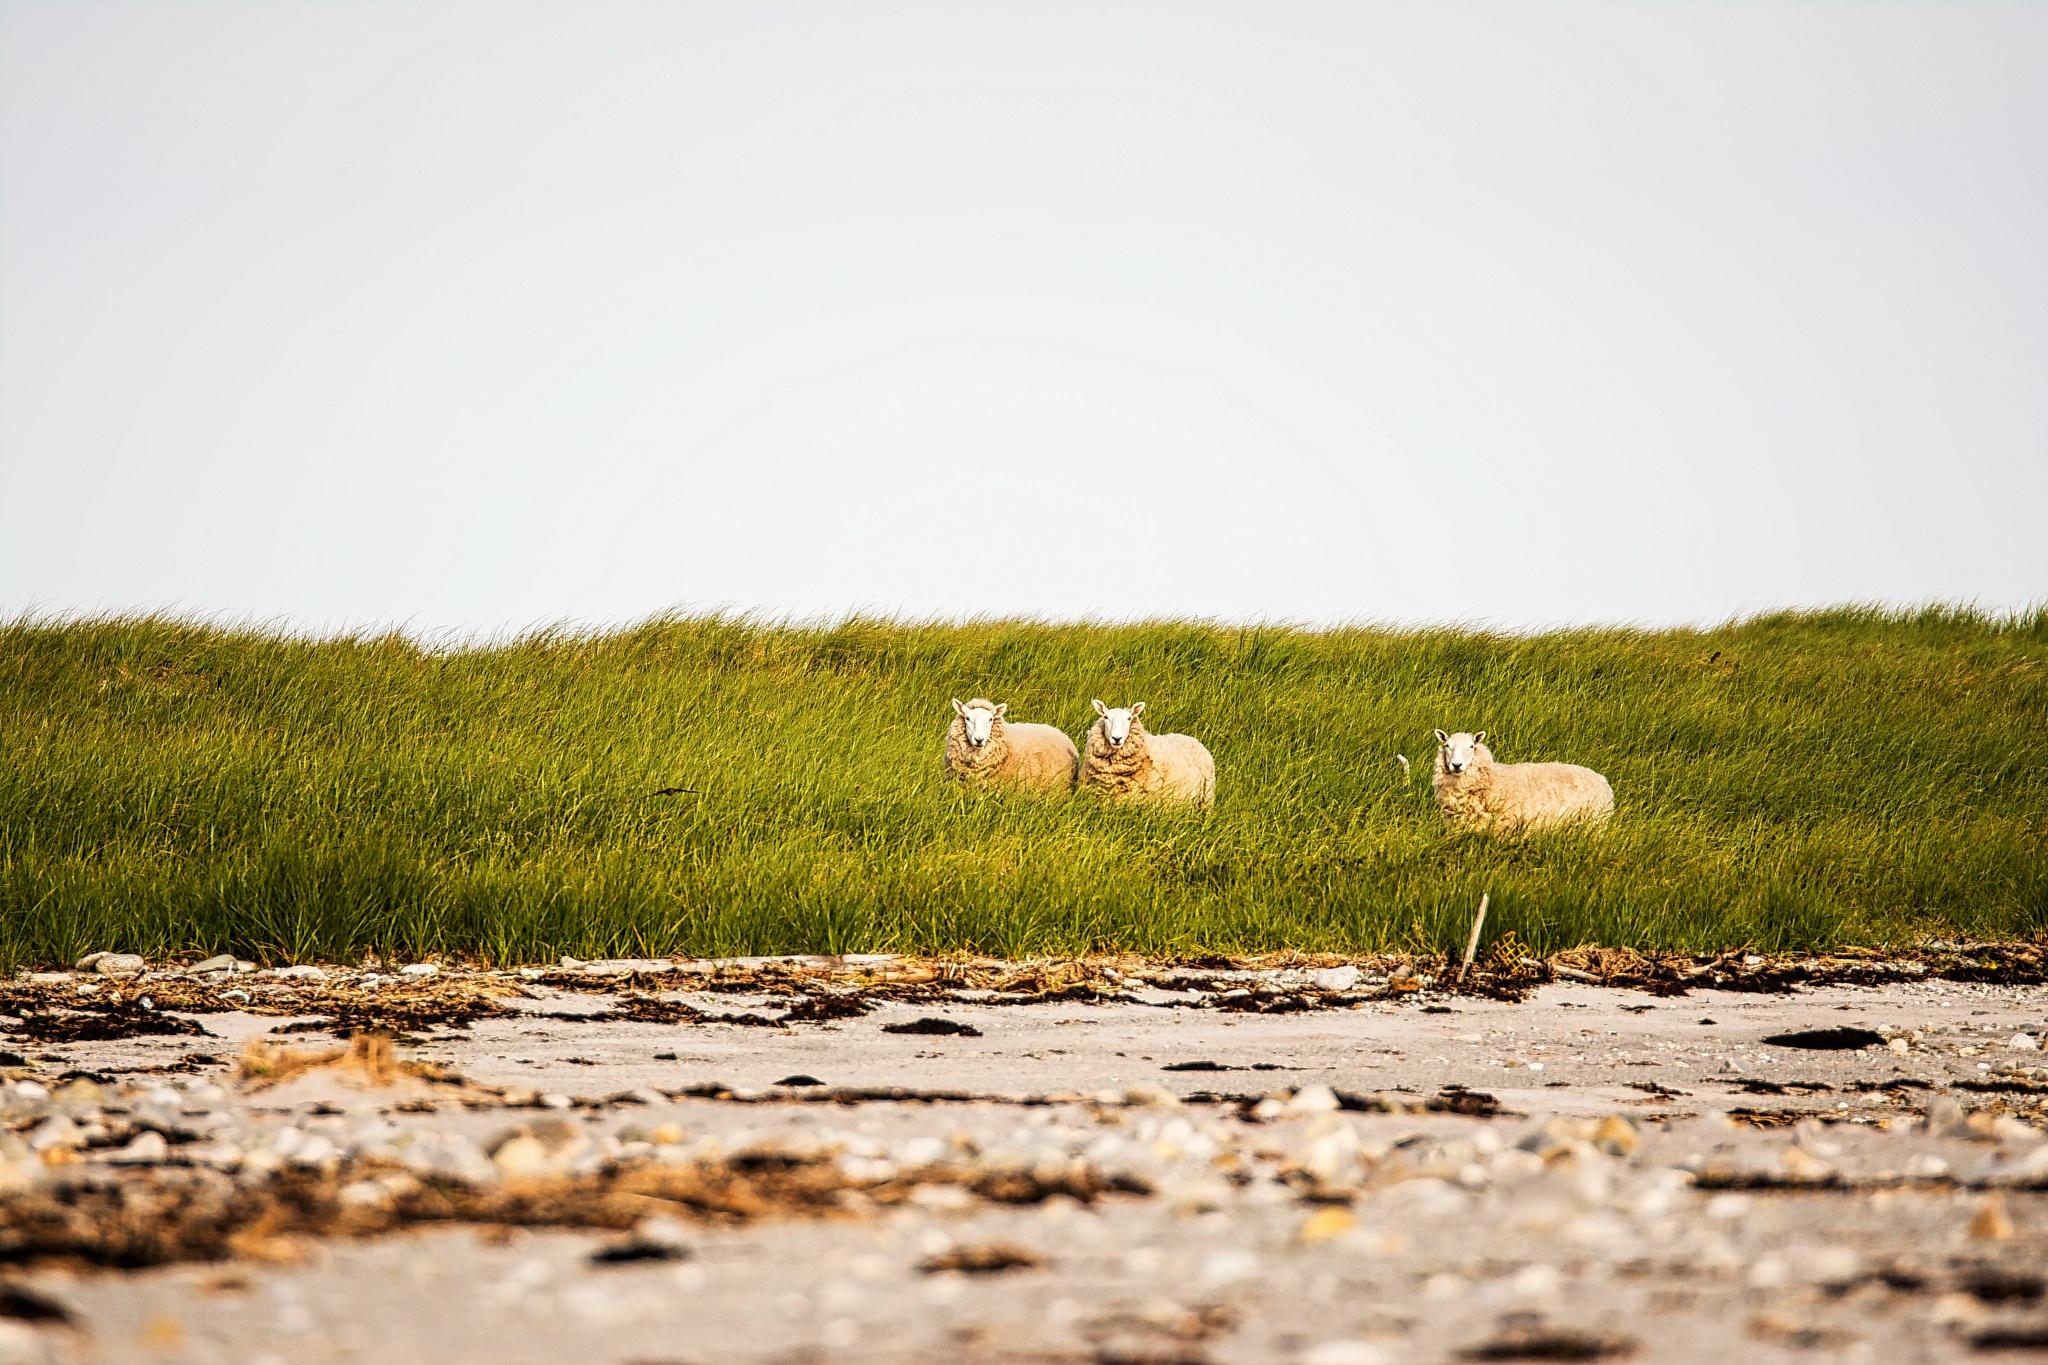 Sheep by Wayne L. Talbot